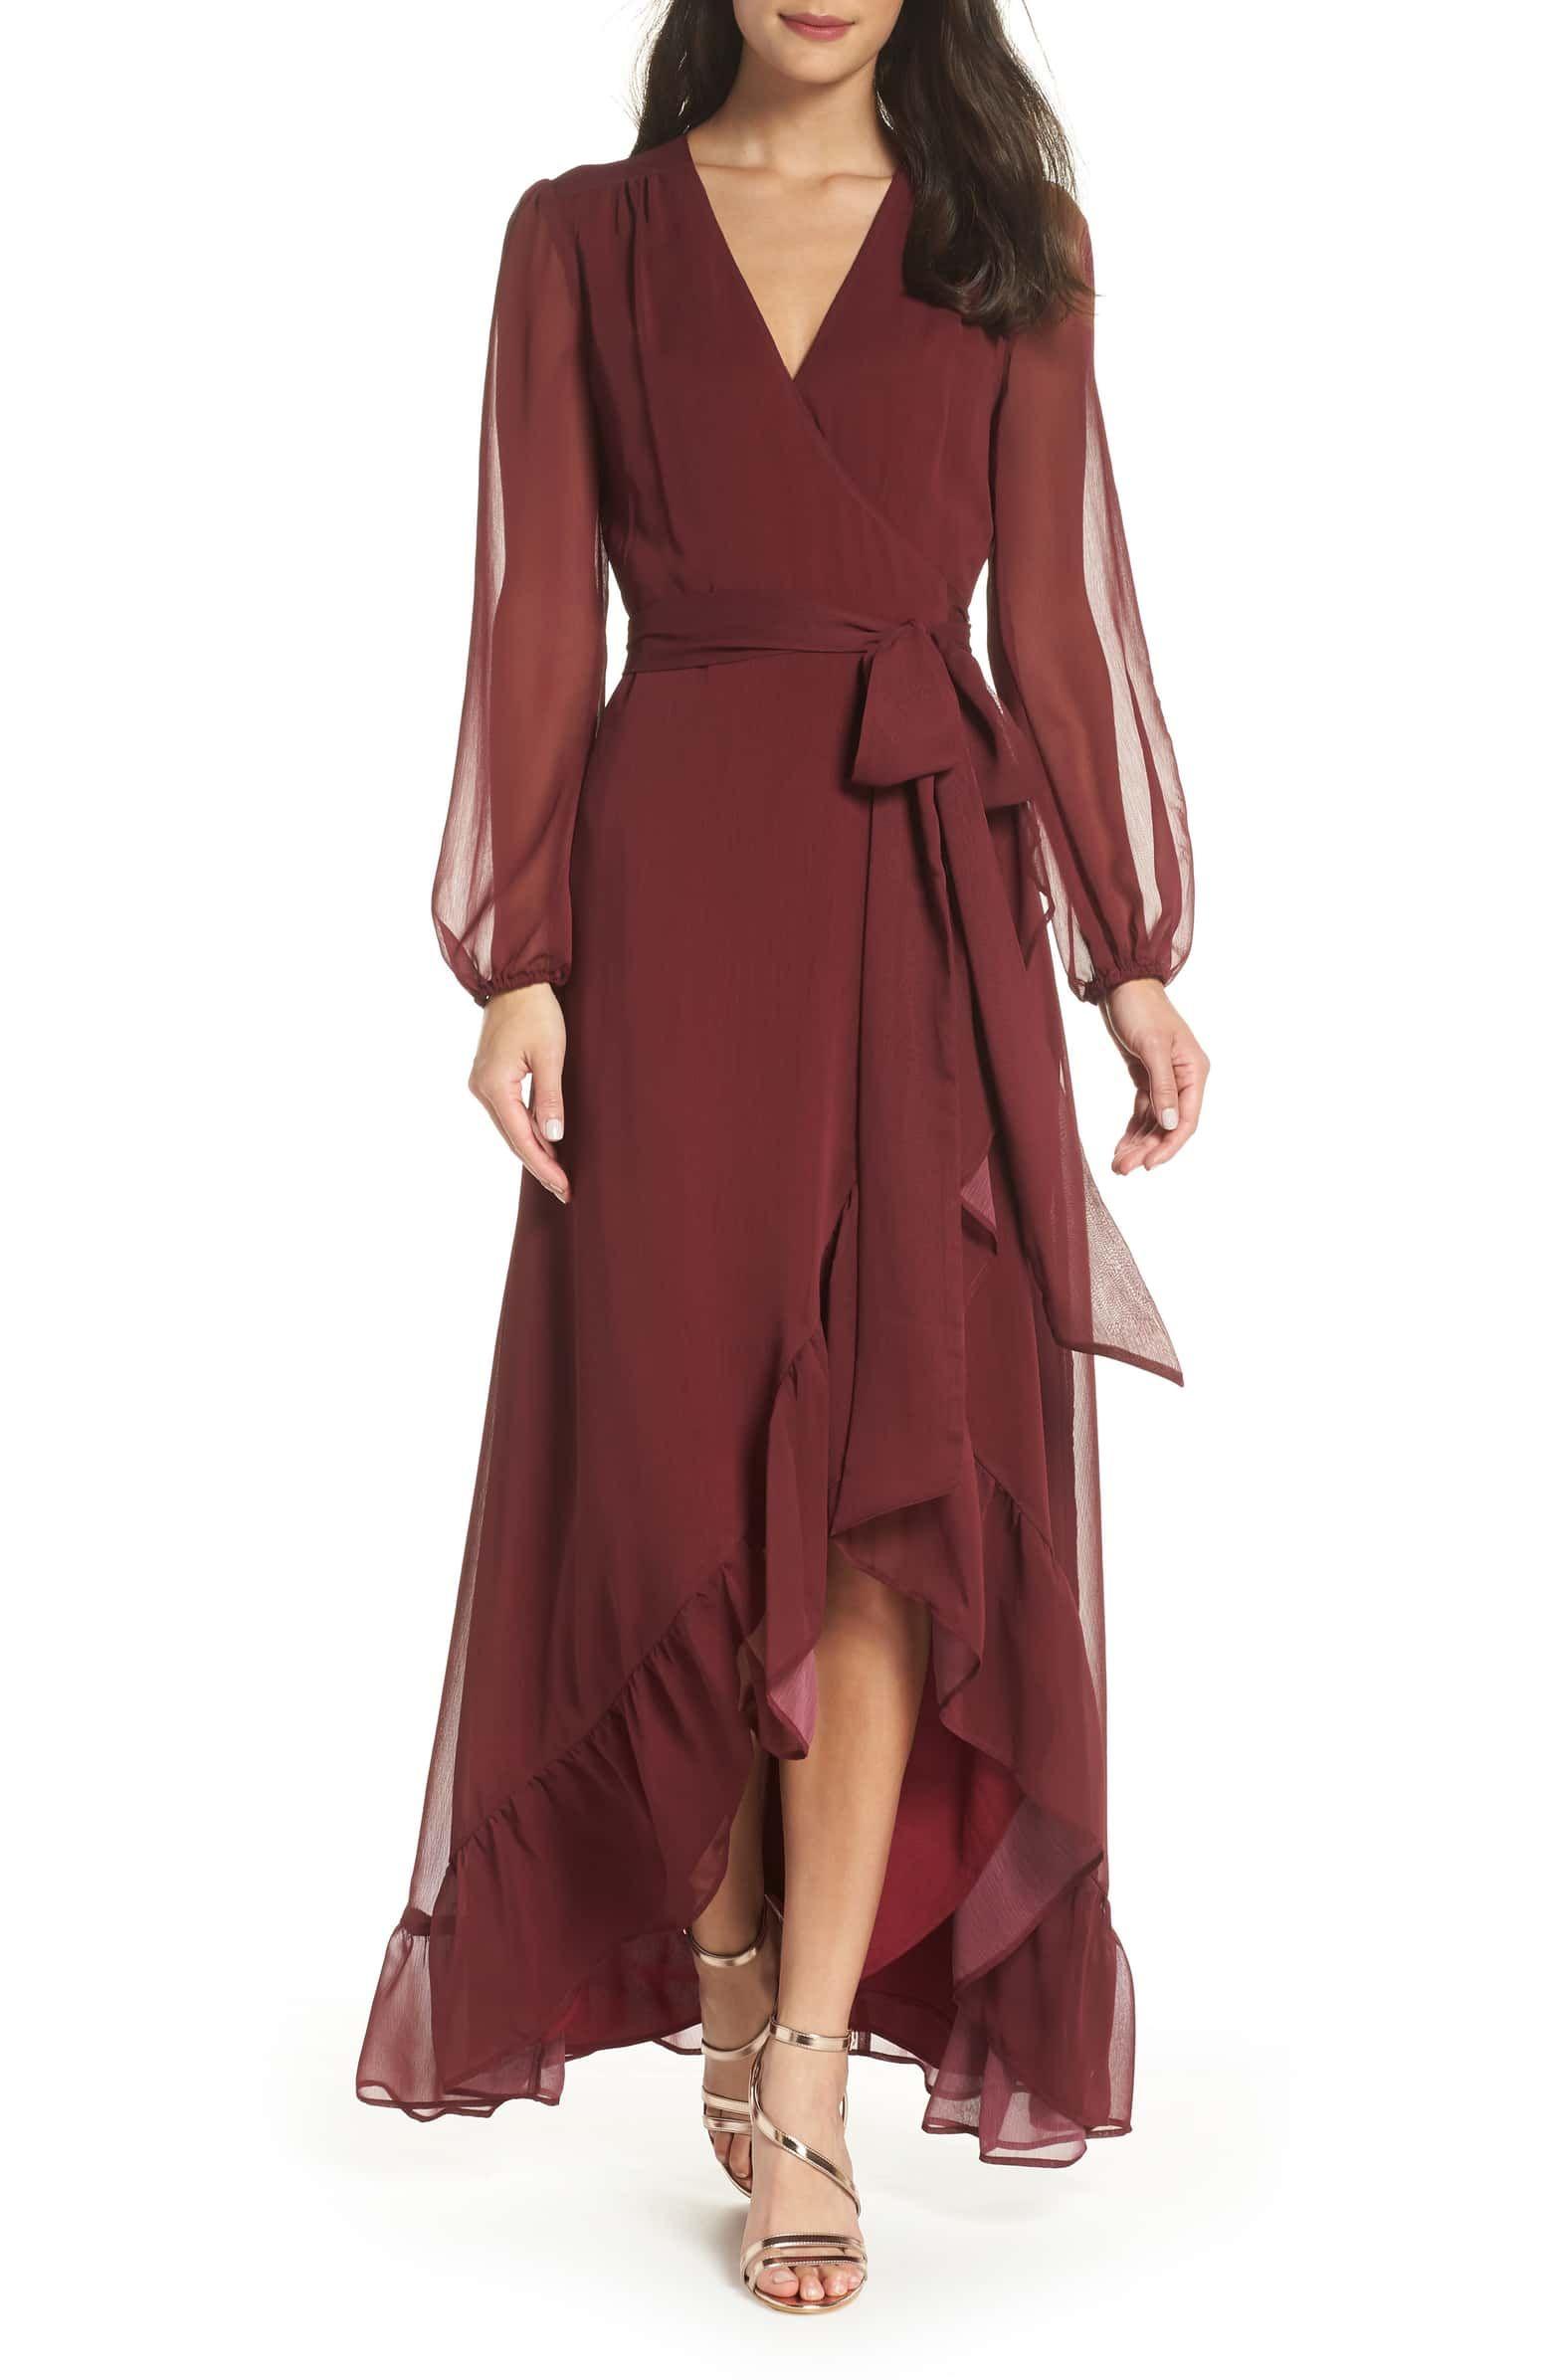 Wayf Meryl Long Sleeve Wrap High Low Gown Nordstrom Winter Wedding Guest Dress Guest Attire Wedding Guest Dress [ 2392 x 1560 Pixel ]